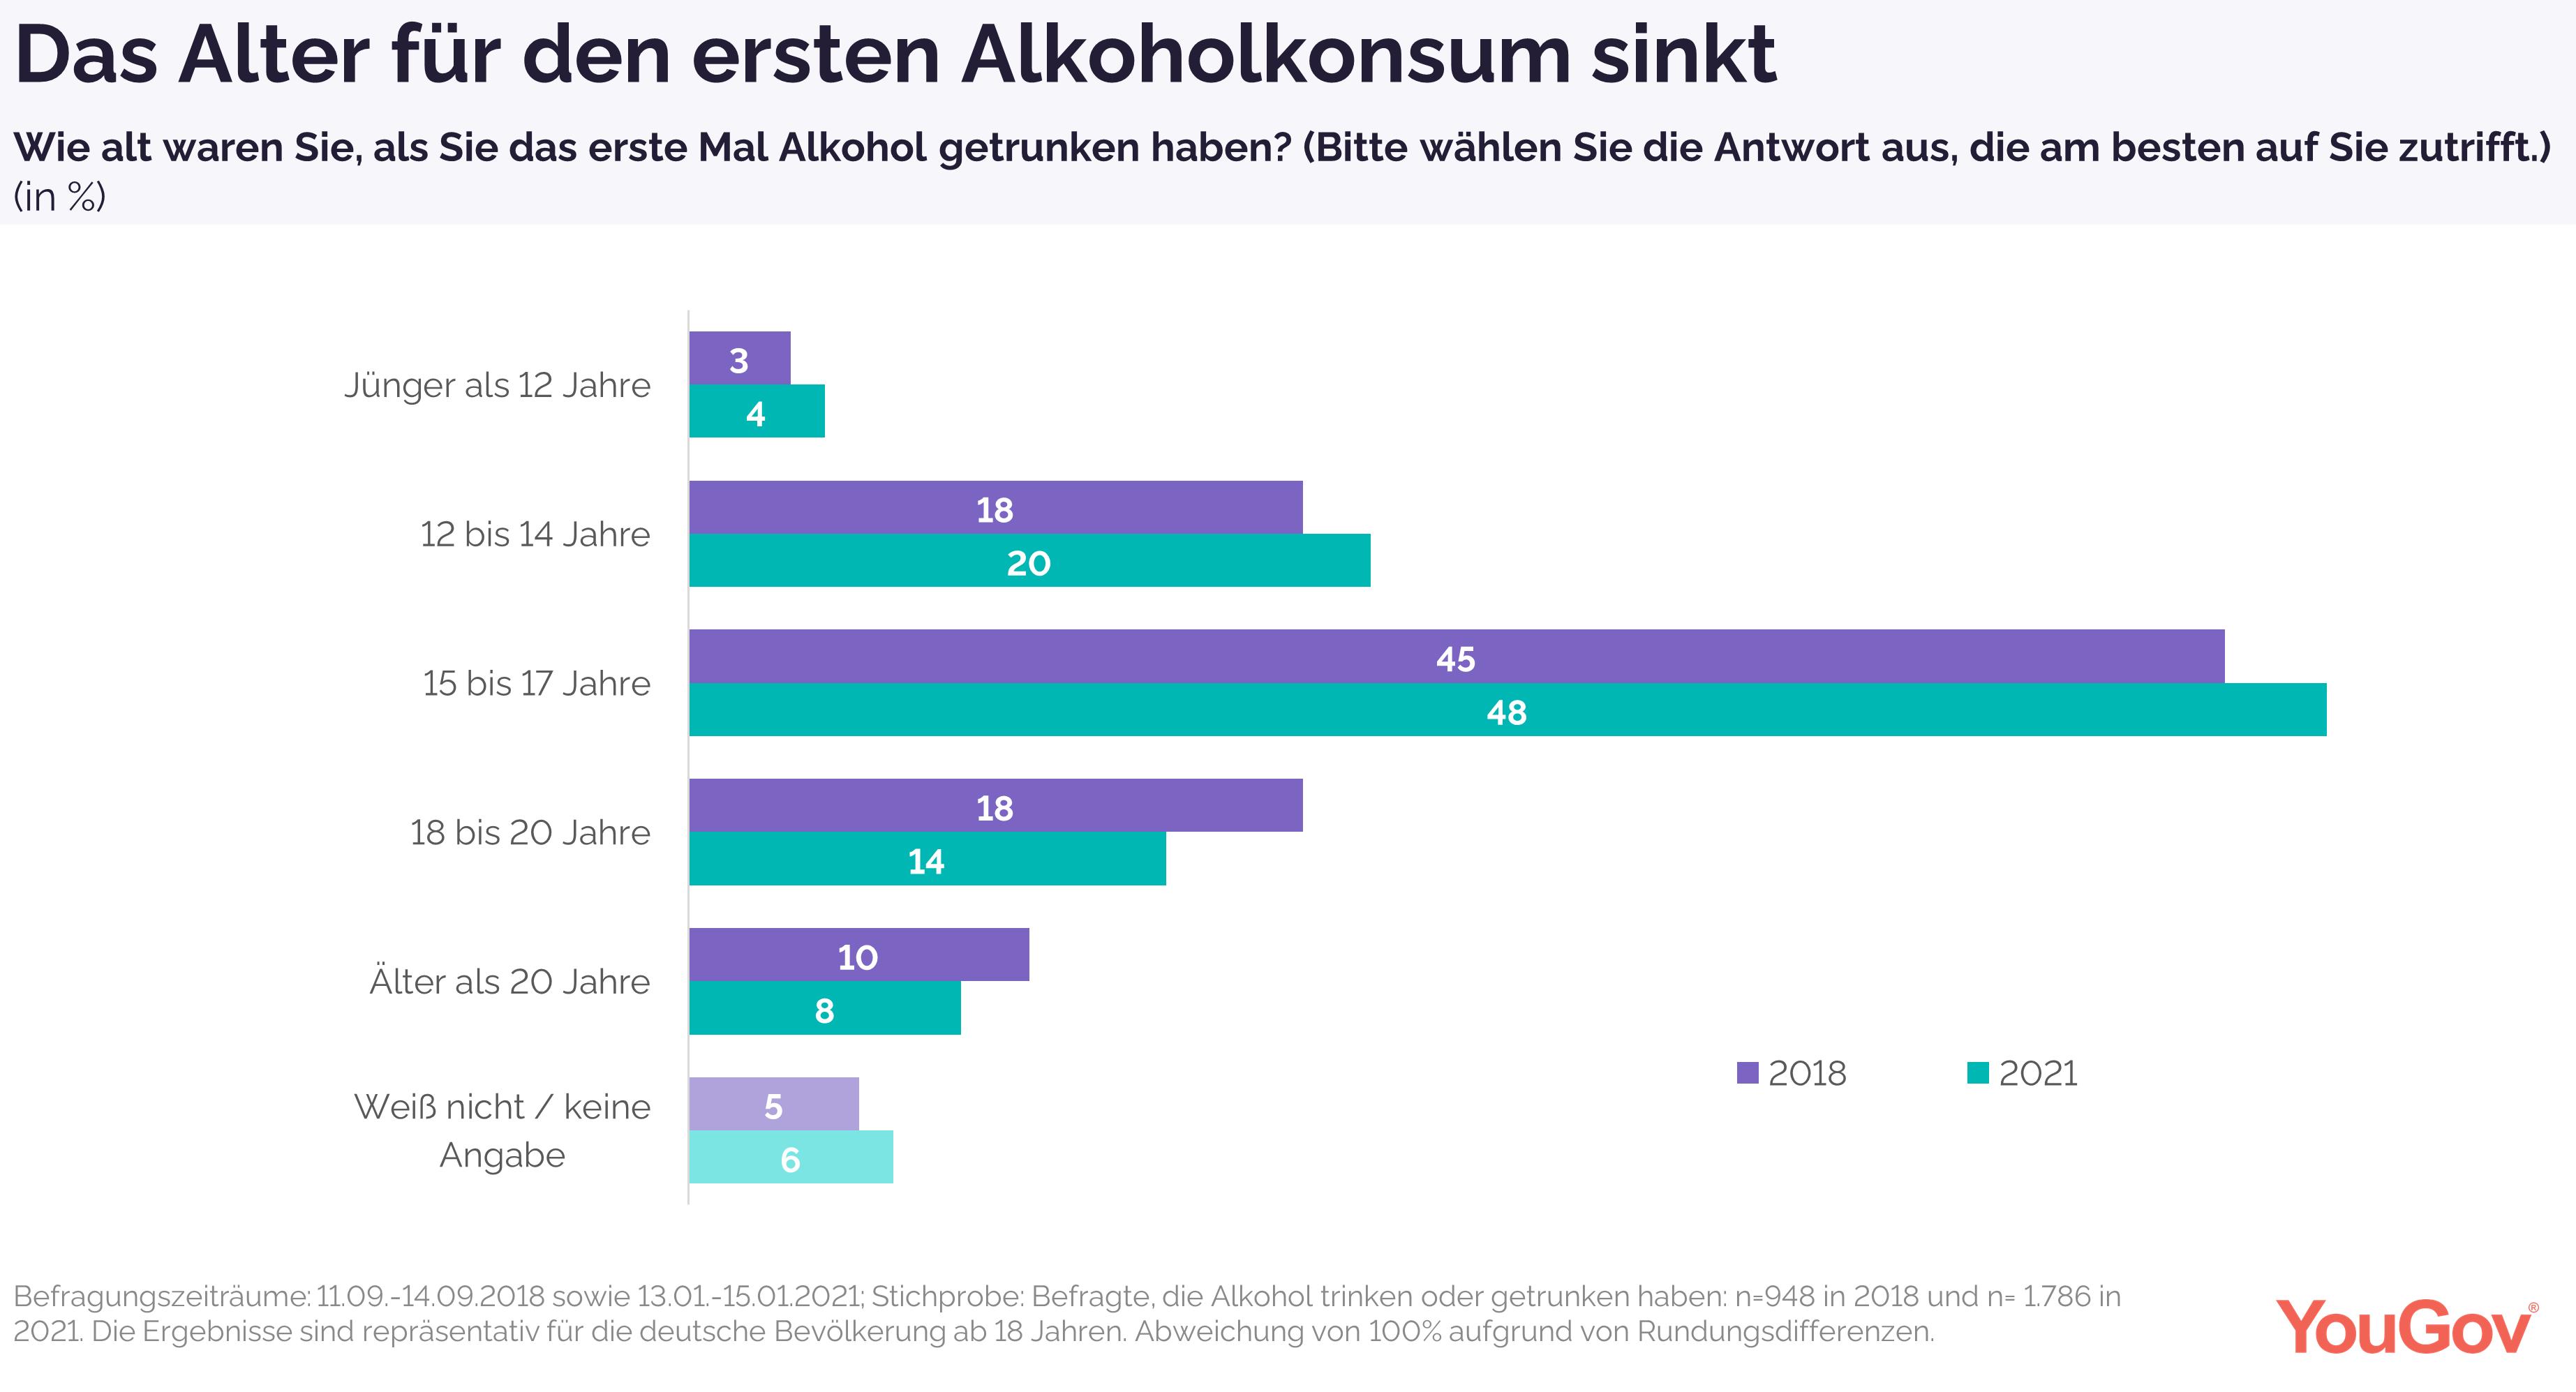 Das Alter für den ersten Alkoholkonsum sinkt